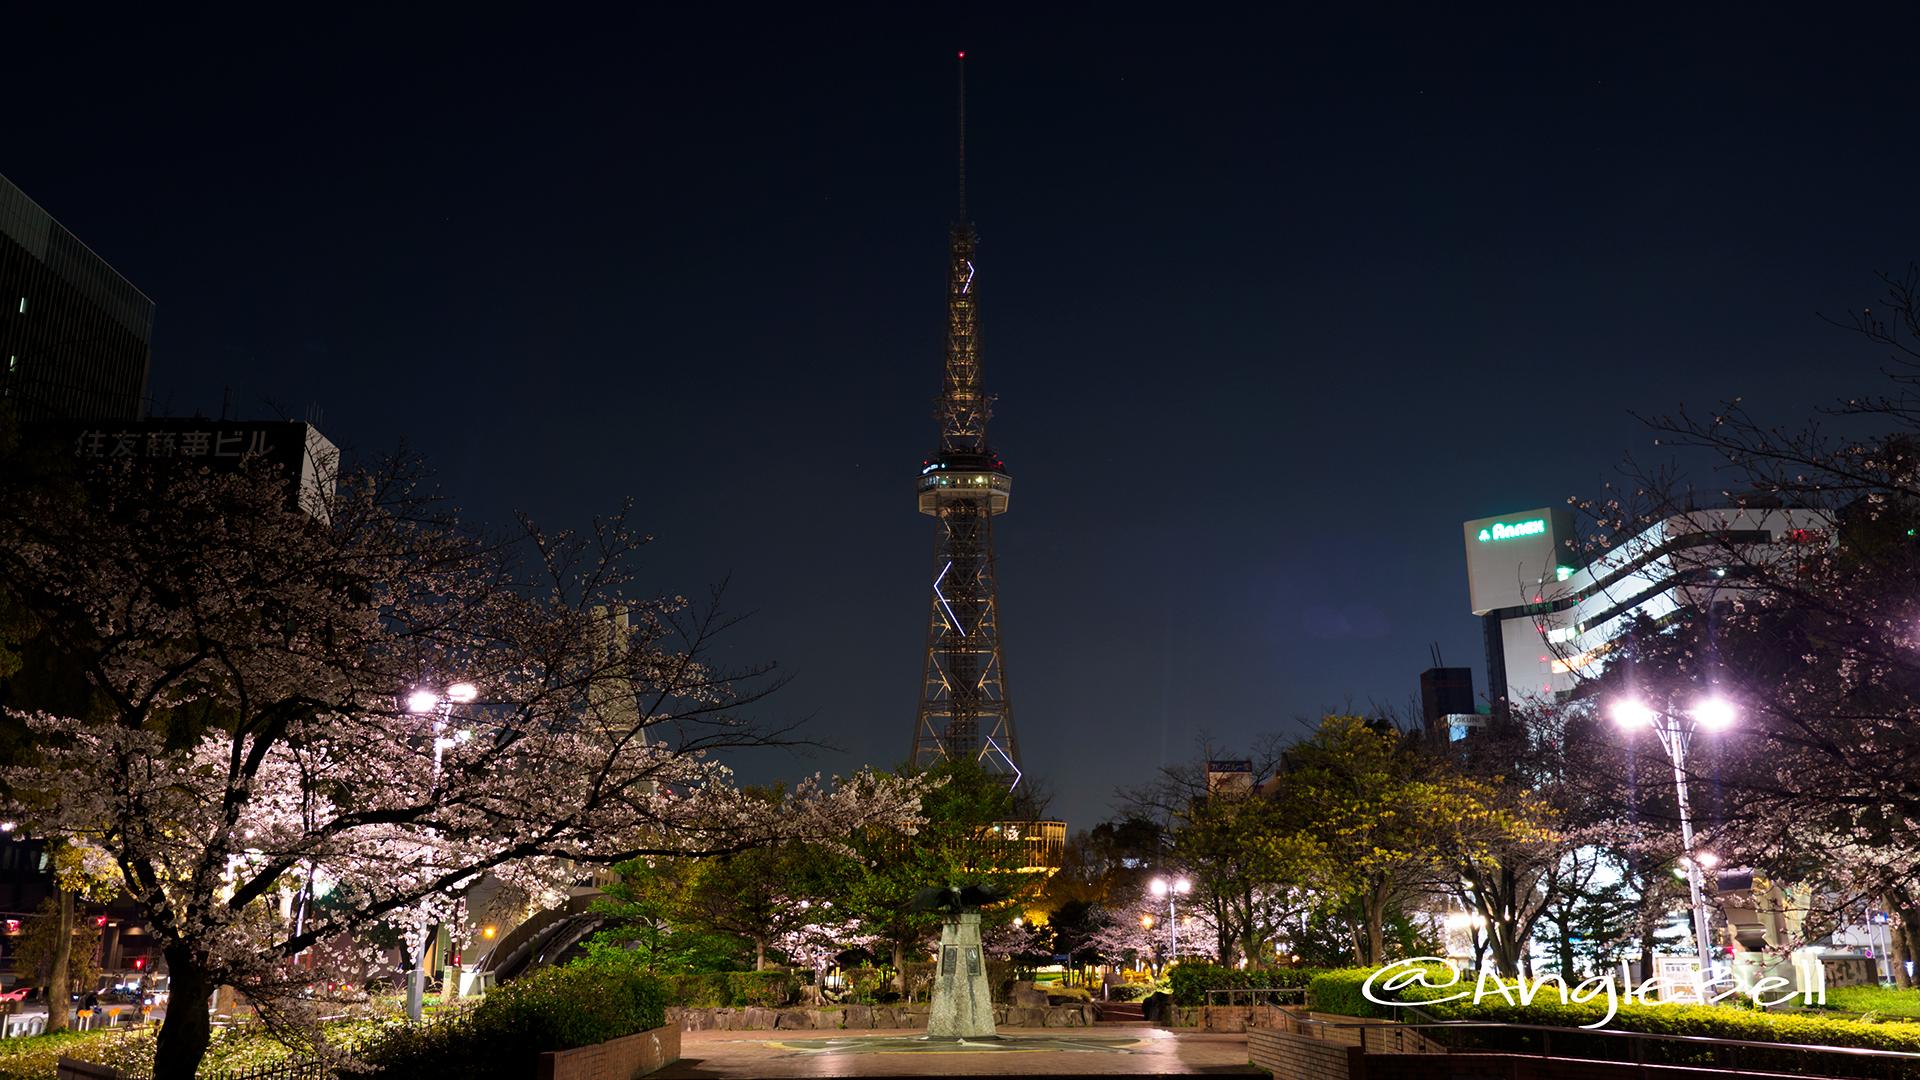 夜桜 名古屋テレビ塔と白頭鷲の像